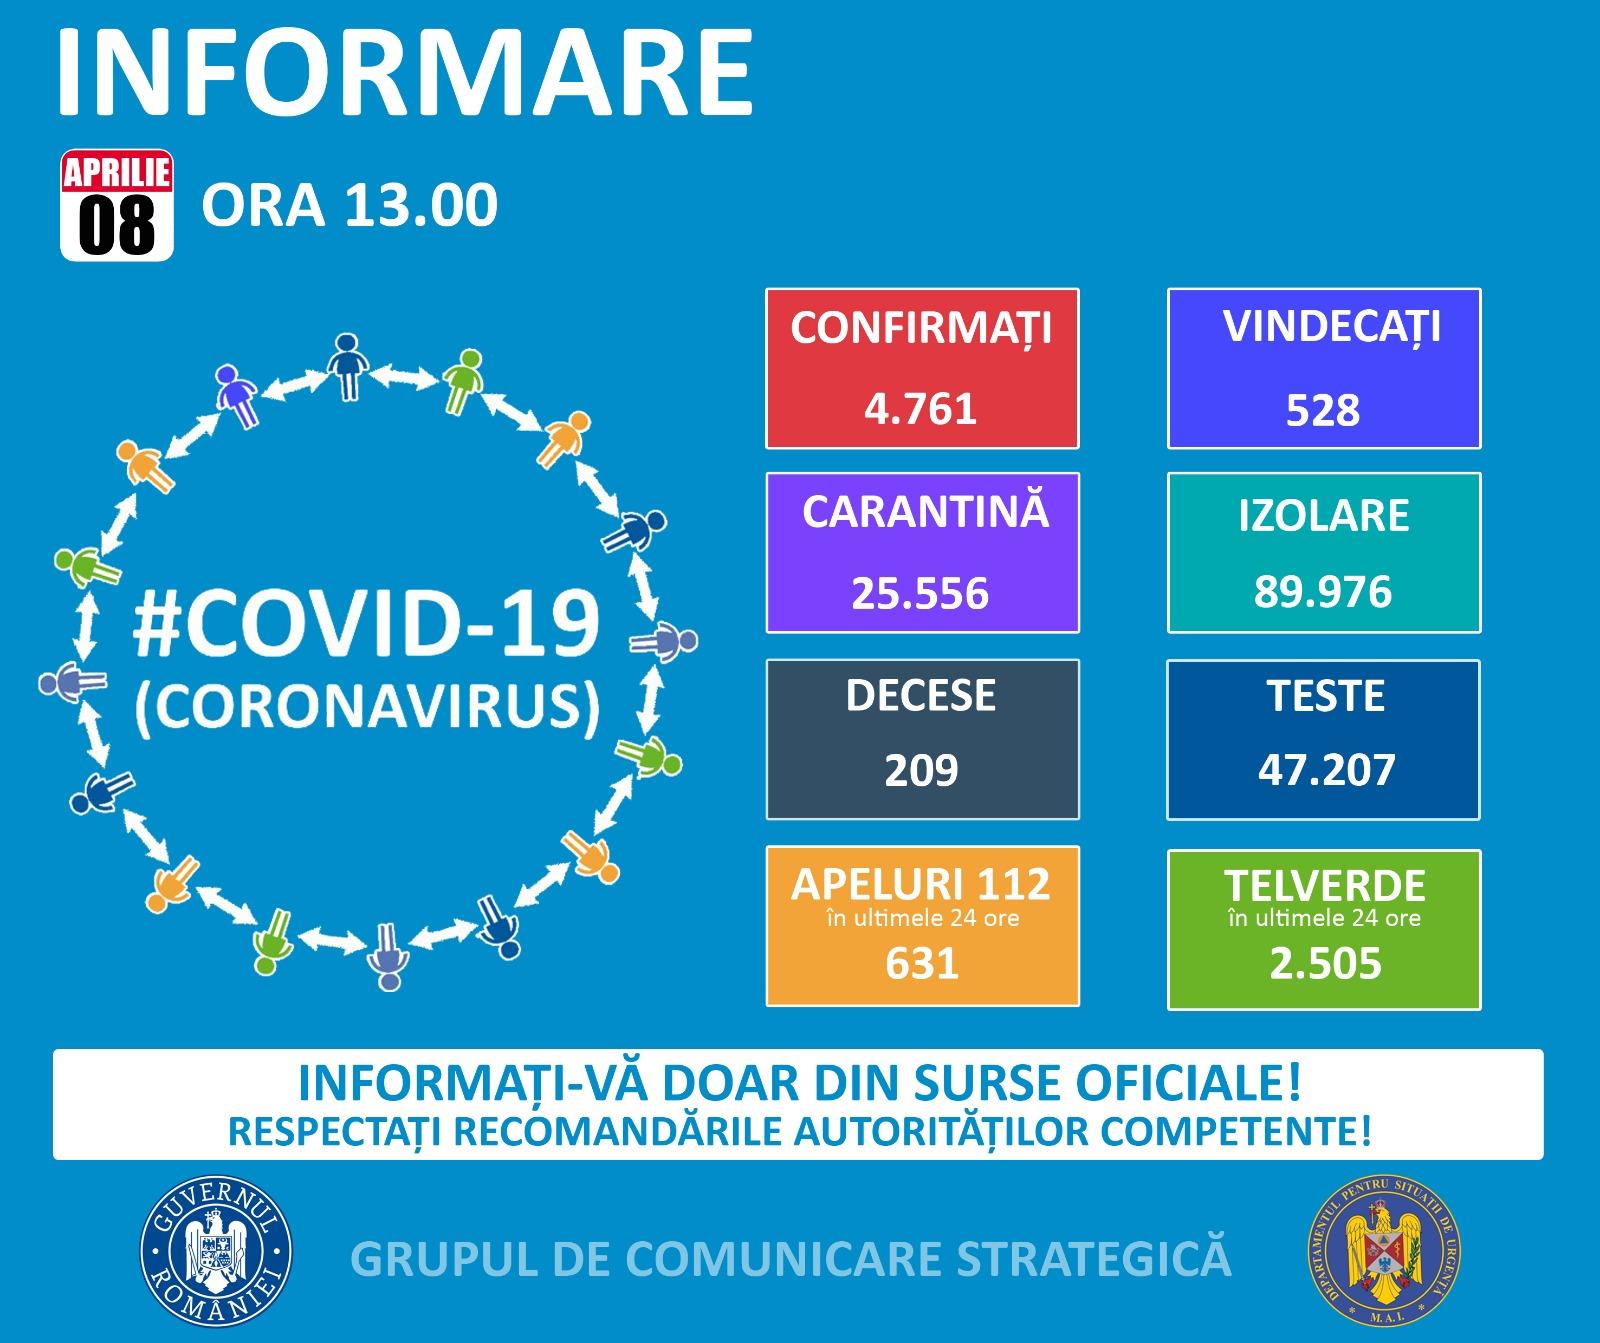 Informare privind pandemia COVID-19 (08.04.2020)